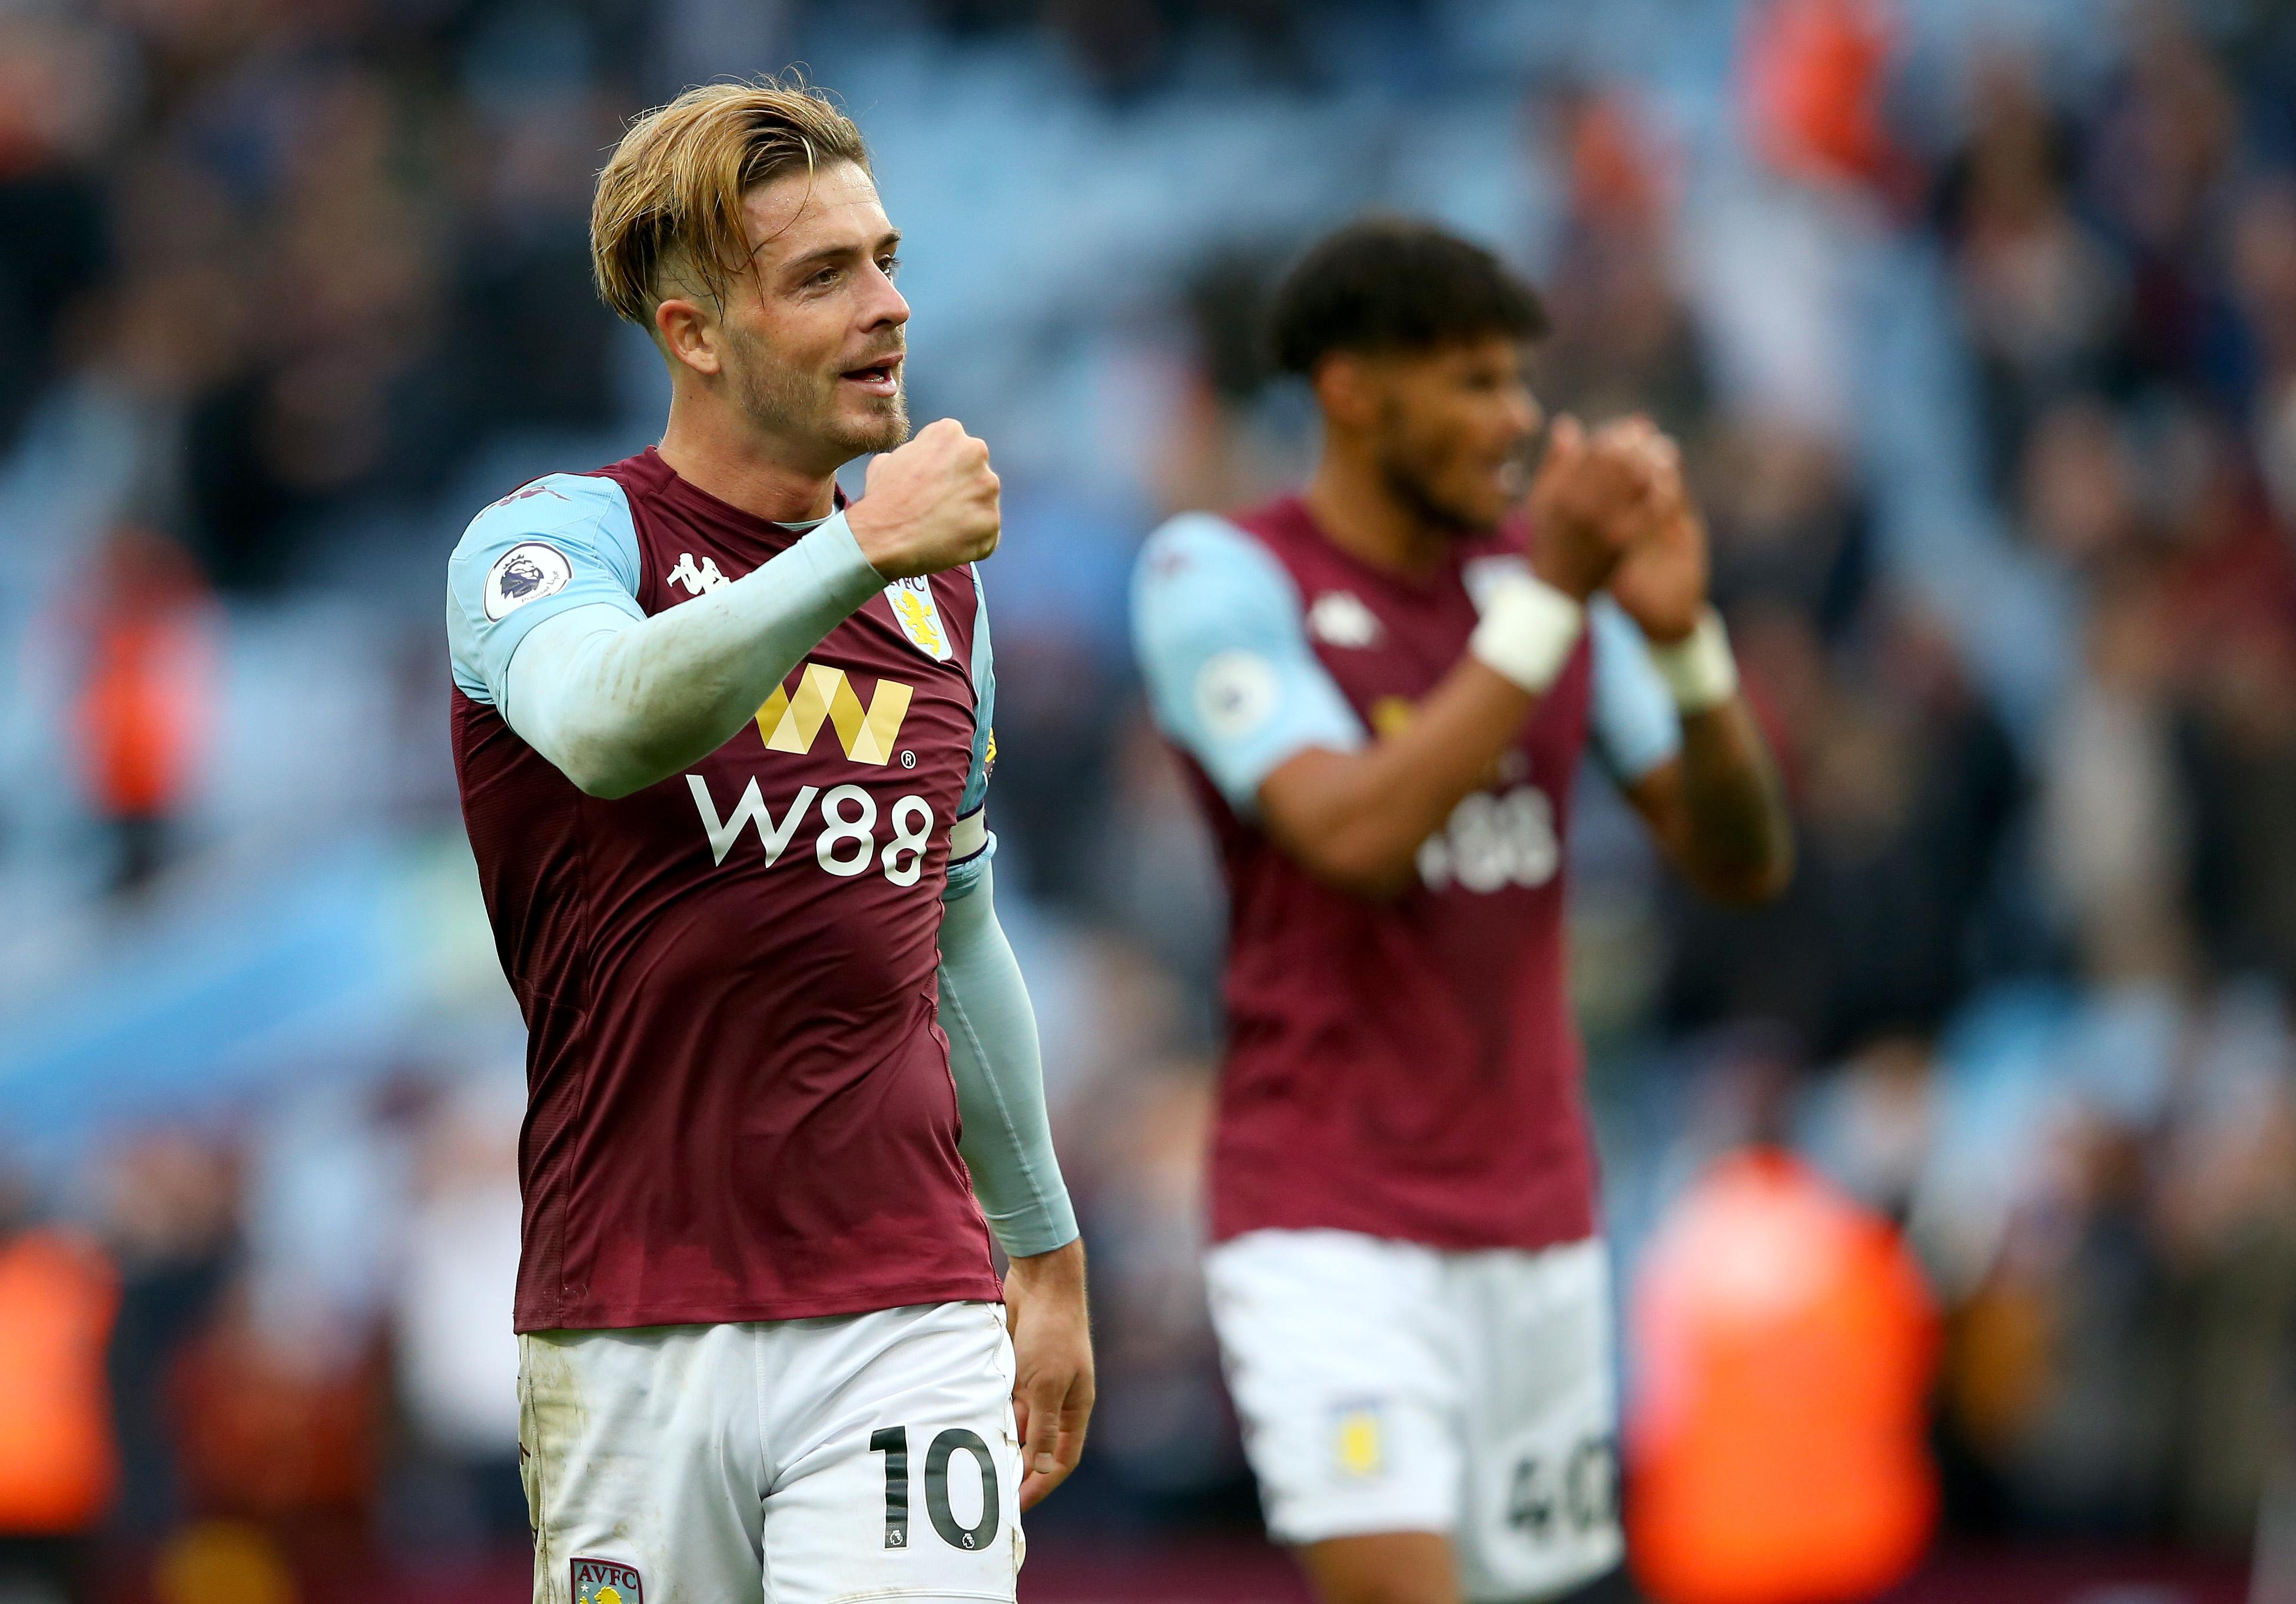 Aston Villa 2 - 1 Brighton: Grealish leads Villa to victory